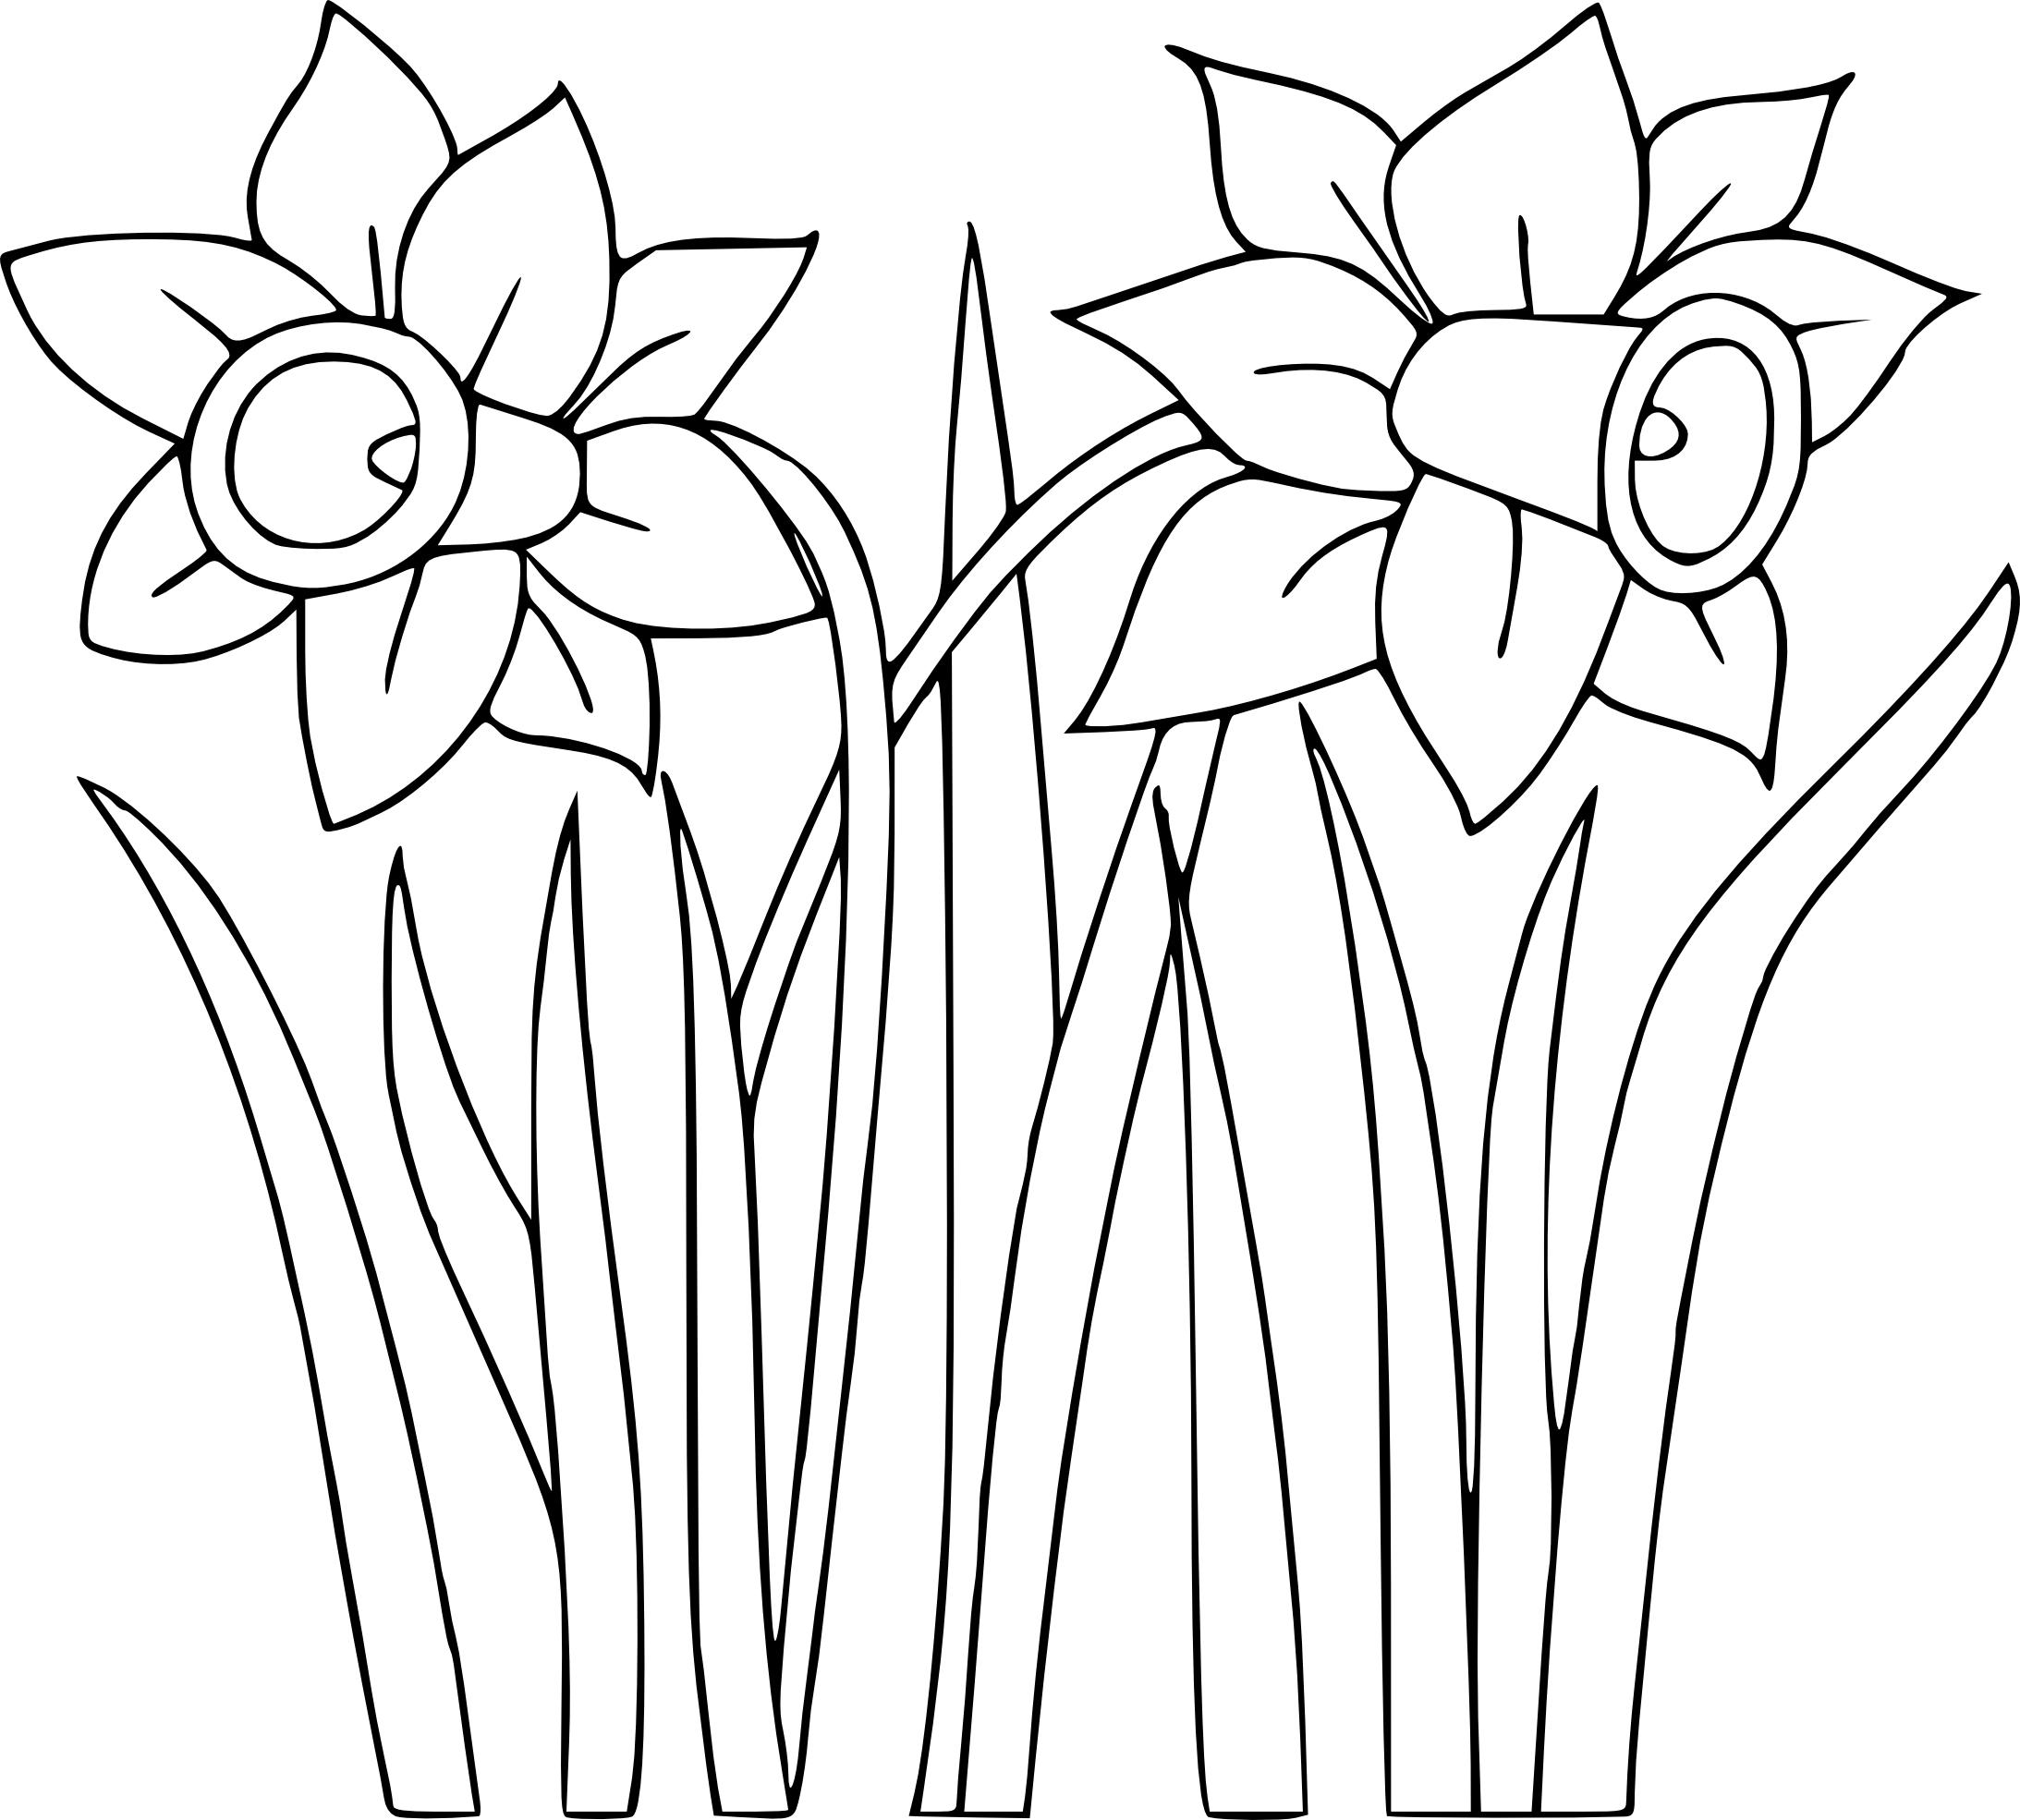 Coloriage jonquille imprimer - Coloriage de fleur ...